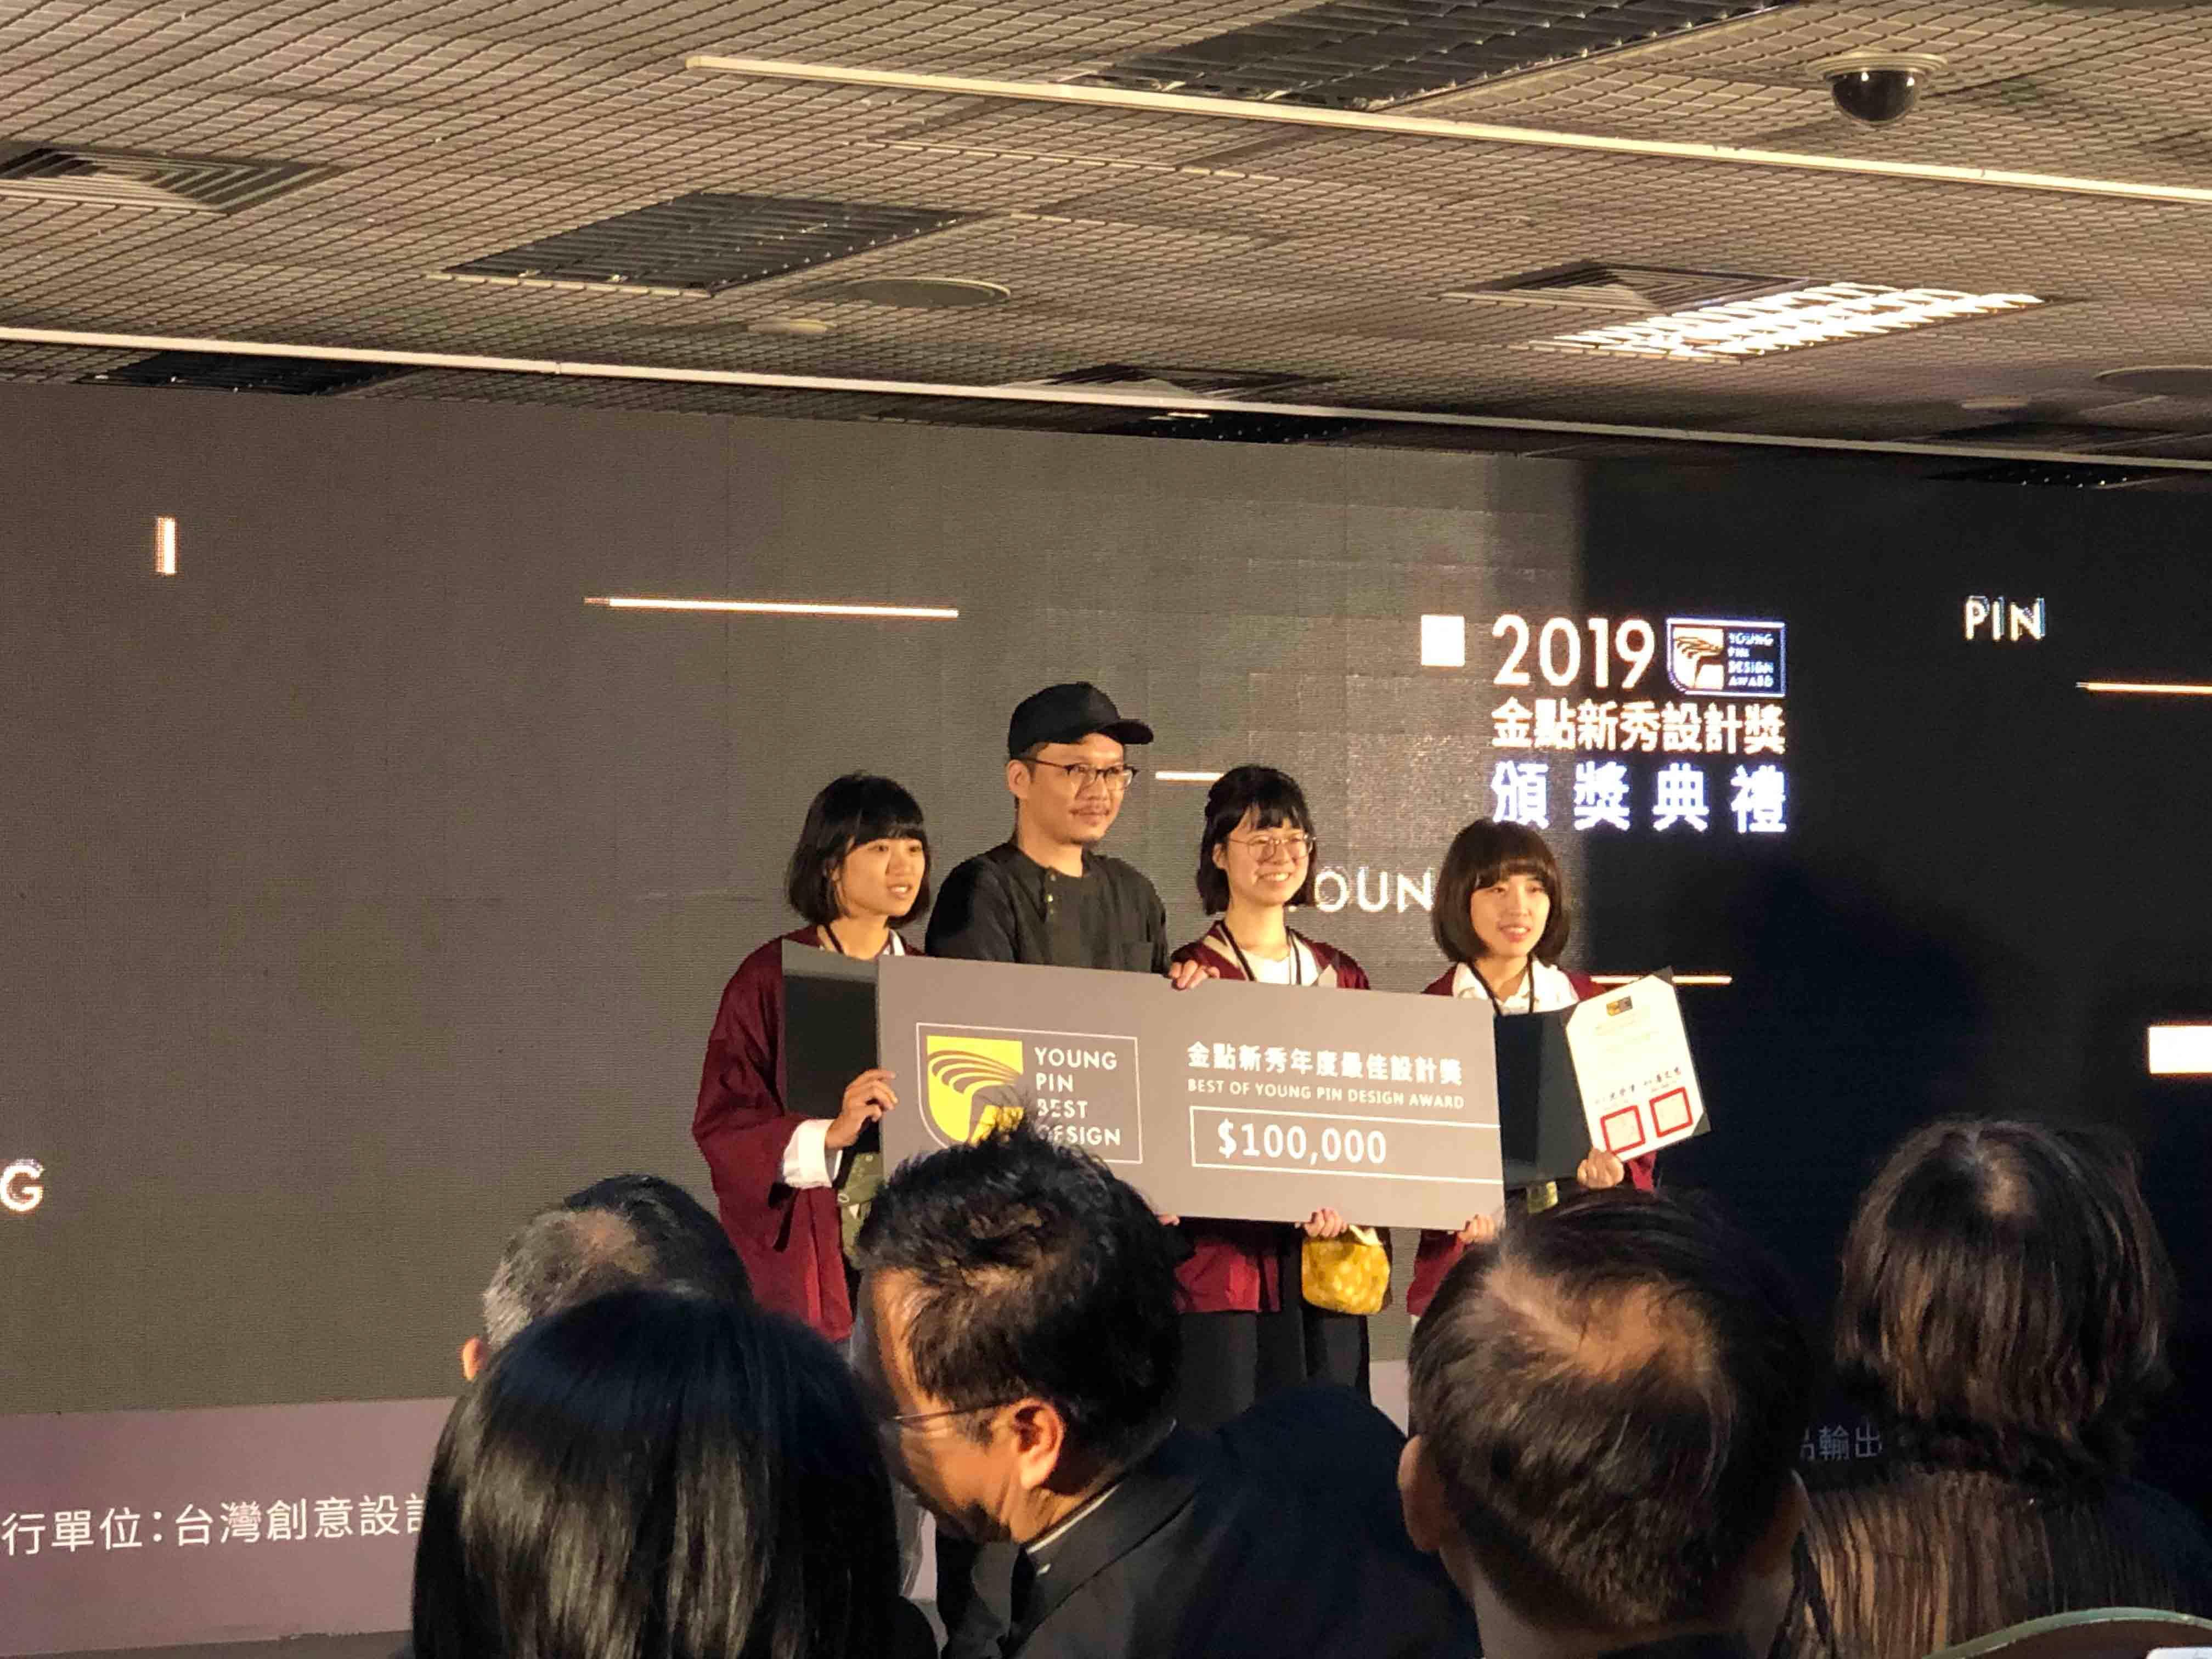 同學劉雅晴、何畇蓁、薛芳沂領獎照